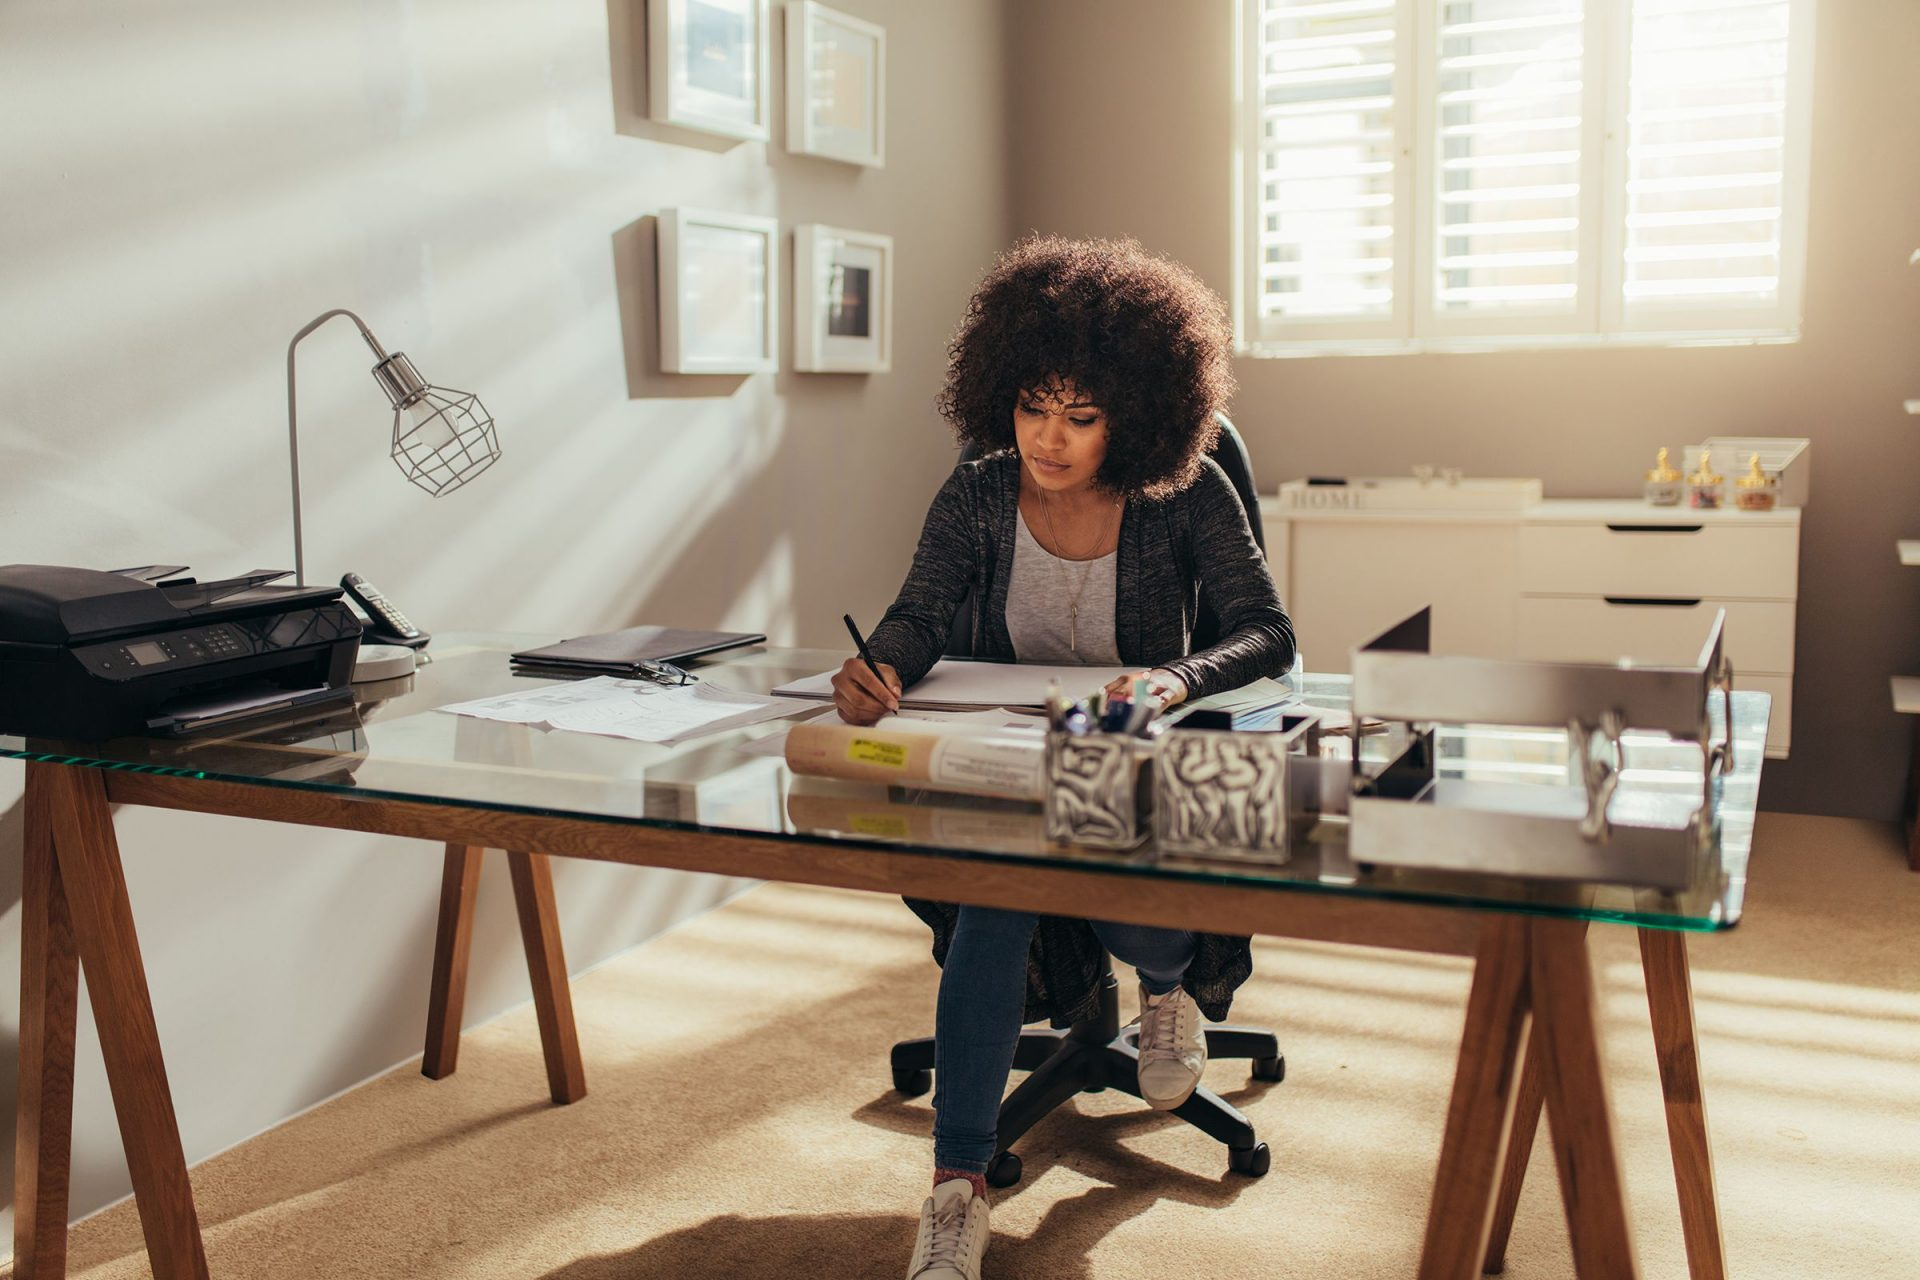 mulher sentada em mesa usando computador em home office